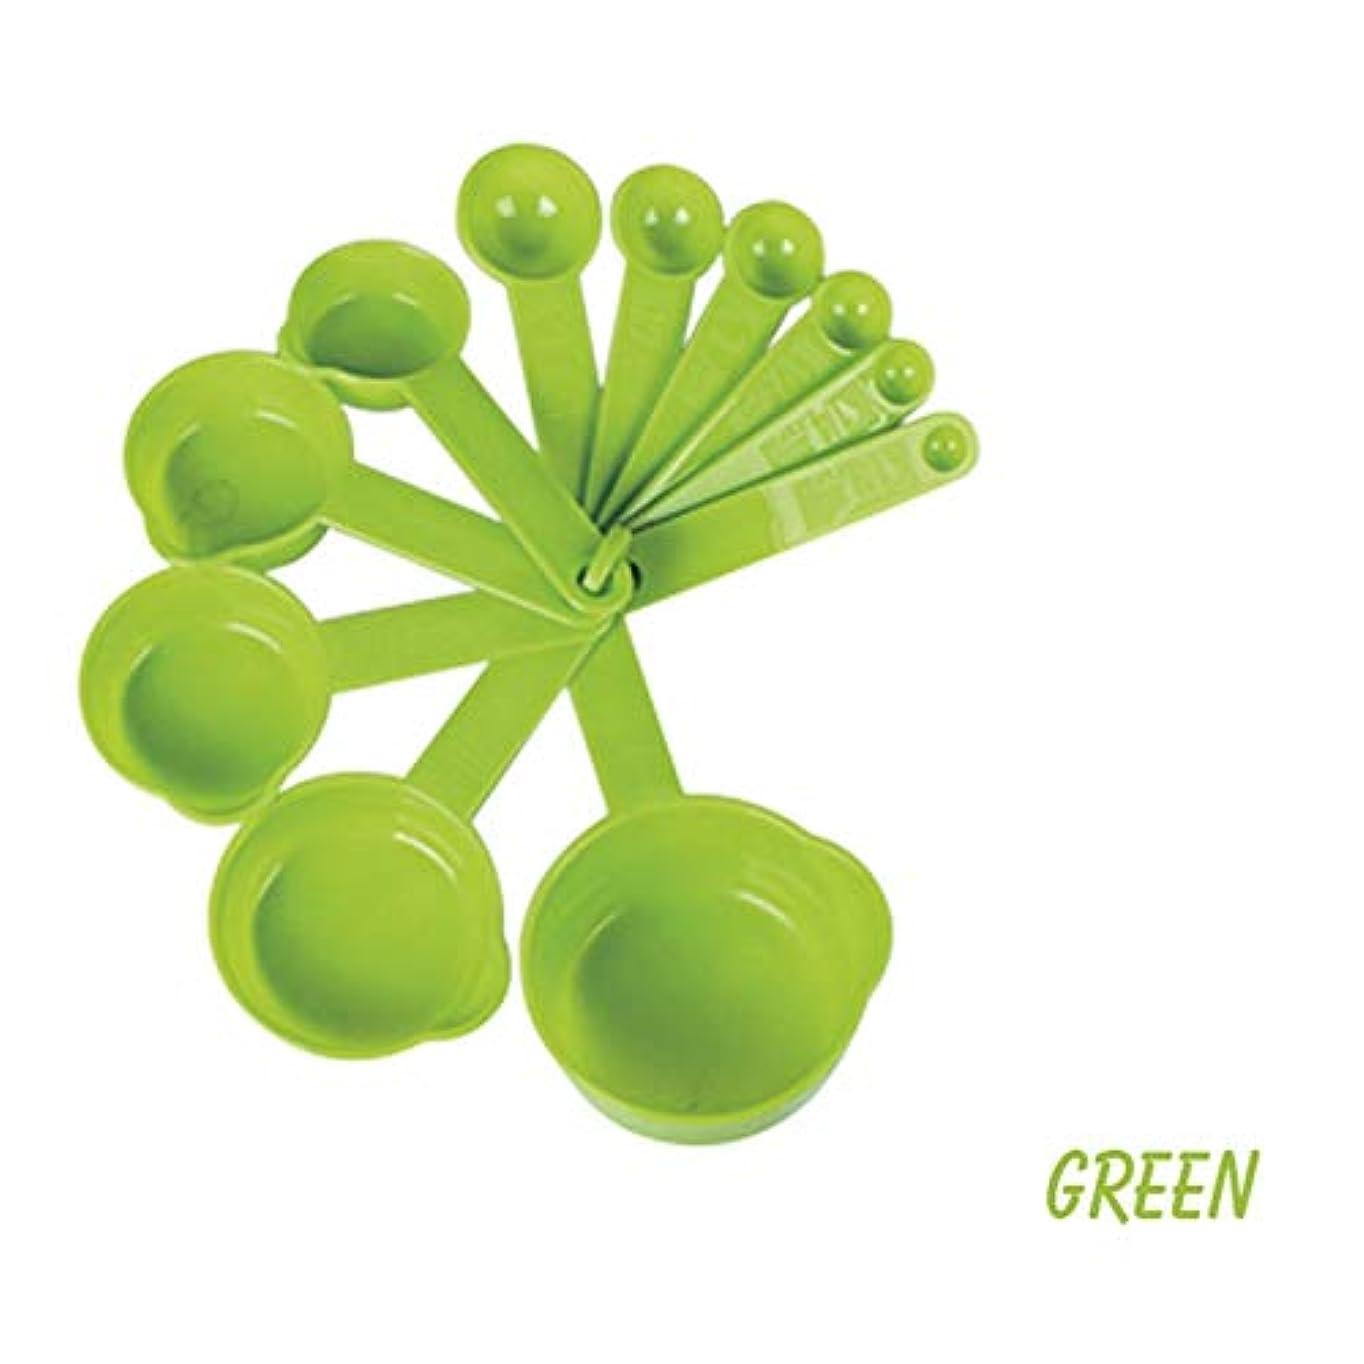 明確に資本電気技師HVTKLN 11pcs /計量スプーンはスプーンシリカスケールの取鍋を測定する一般的な測定ツールを焼く調理する創造的家庭の台所を設定しました HVTKLN (Color : Green, Size : 1/8-1)